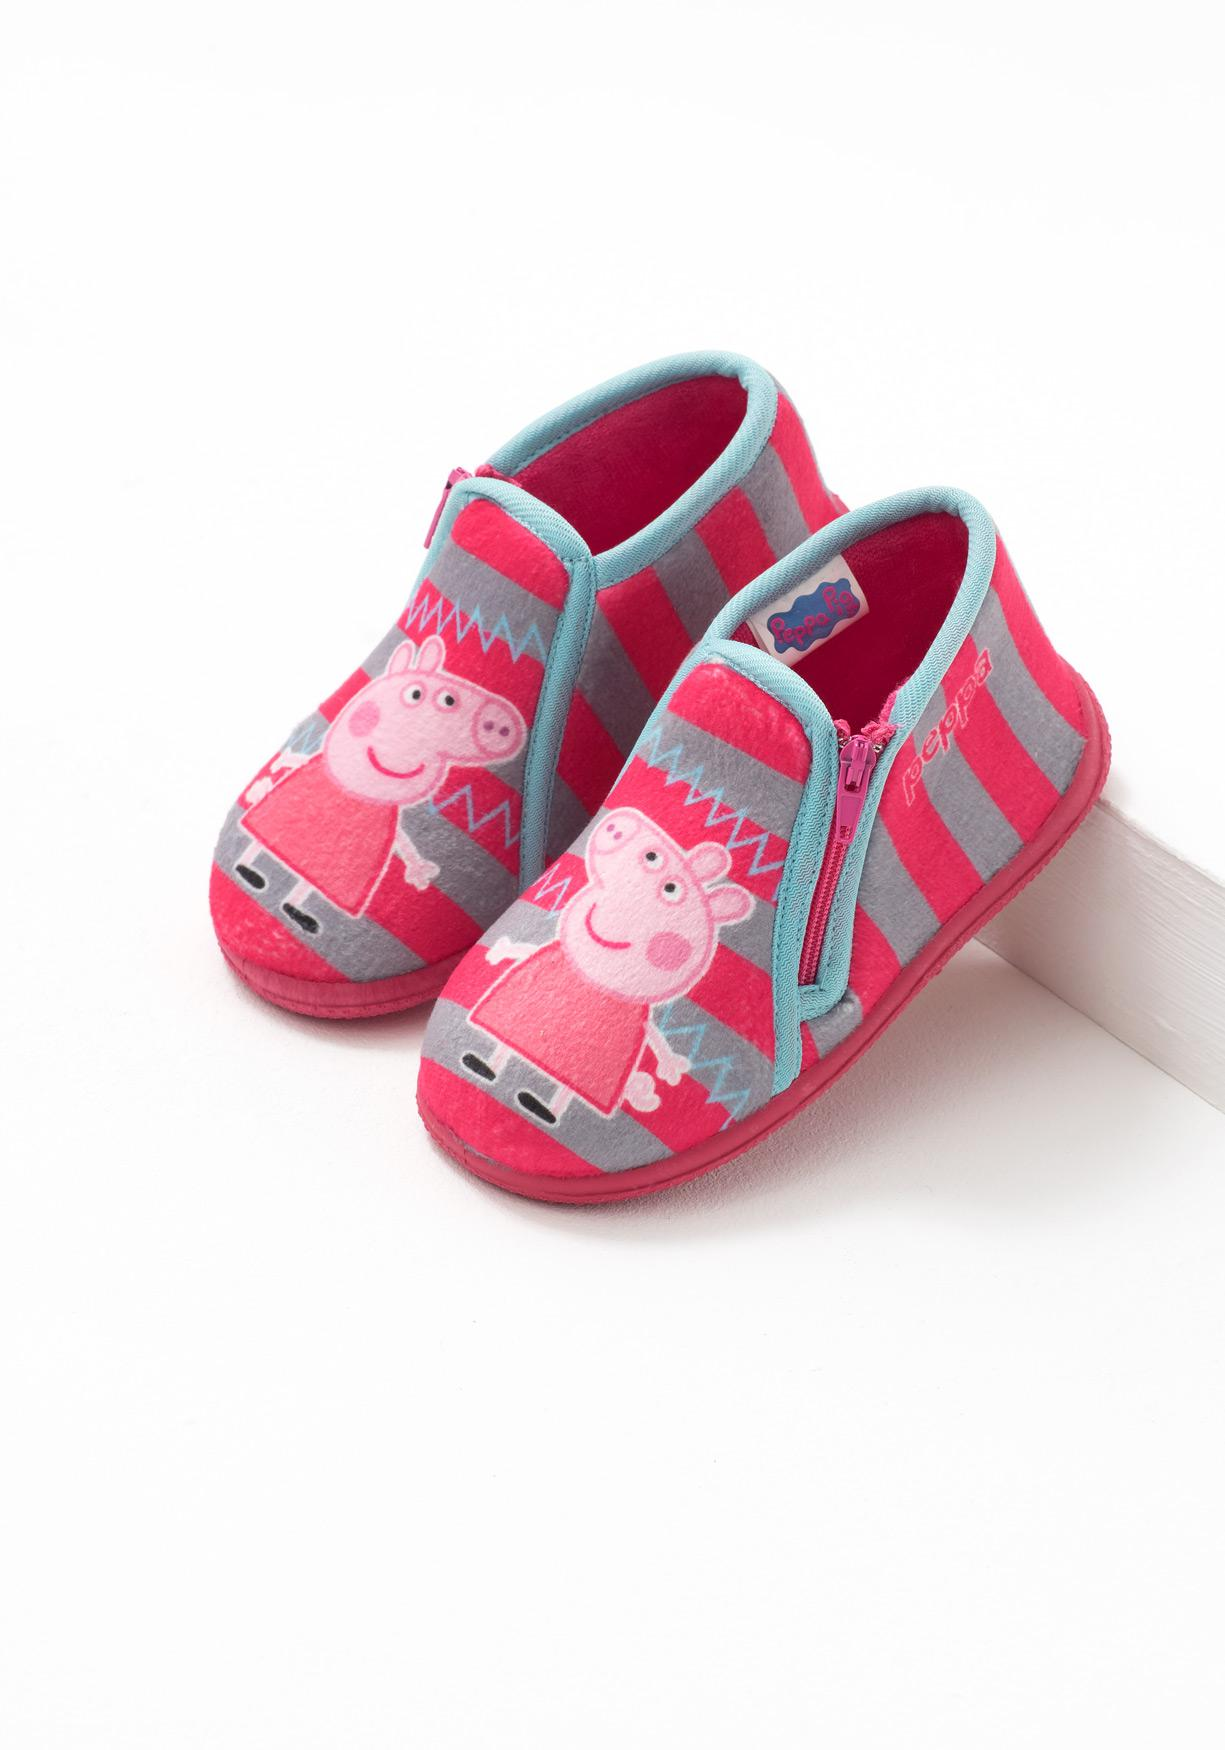 322054ef8b9 Comprar Zapatillas de estar por casa PEPPA PIG (Talla 21 a 30 ...